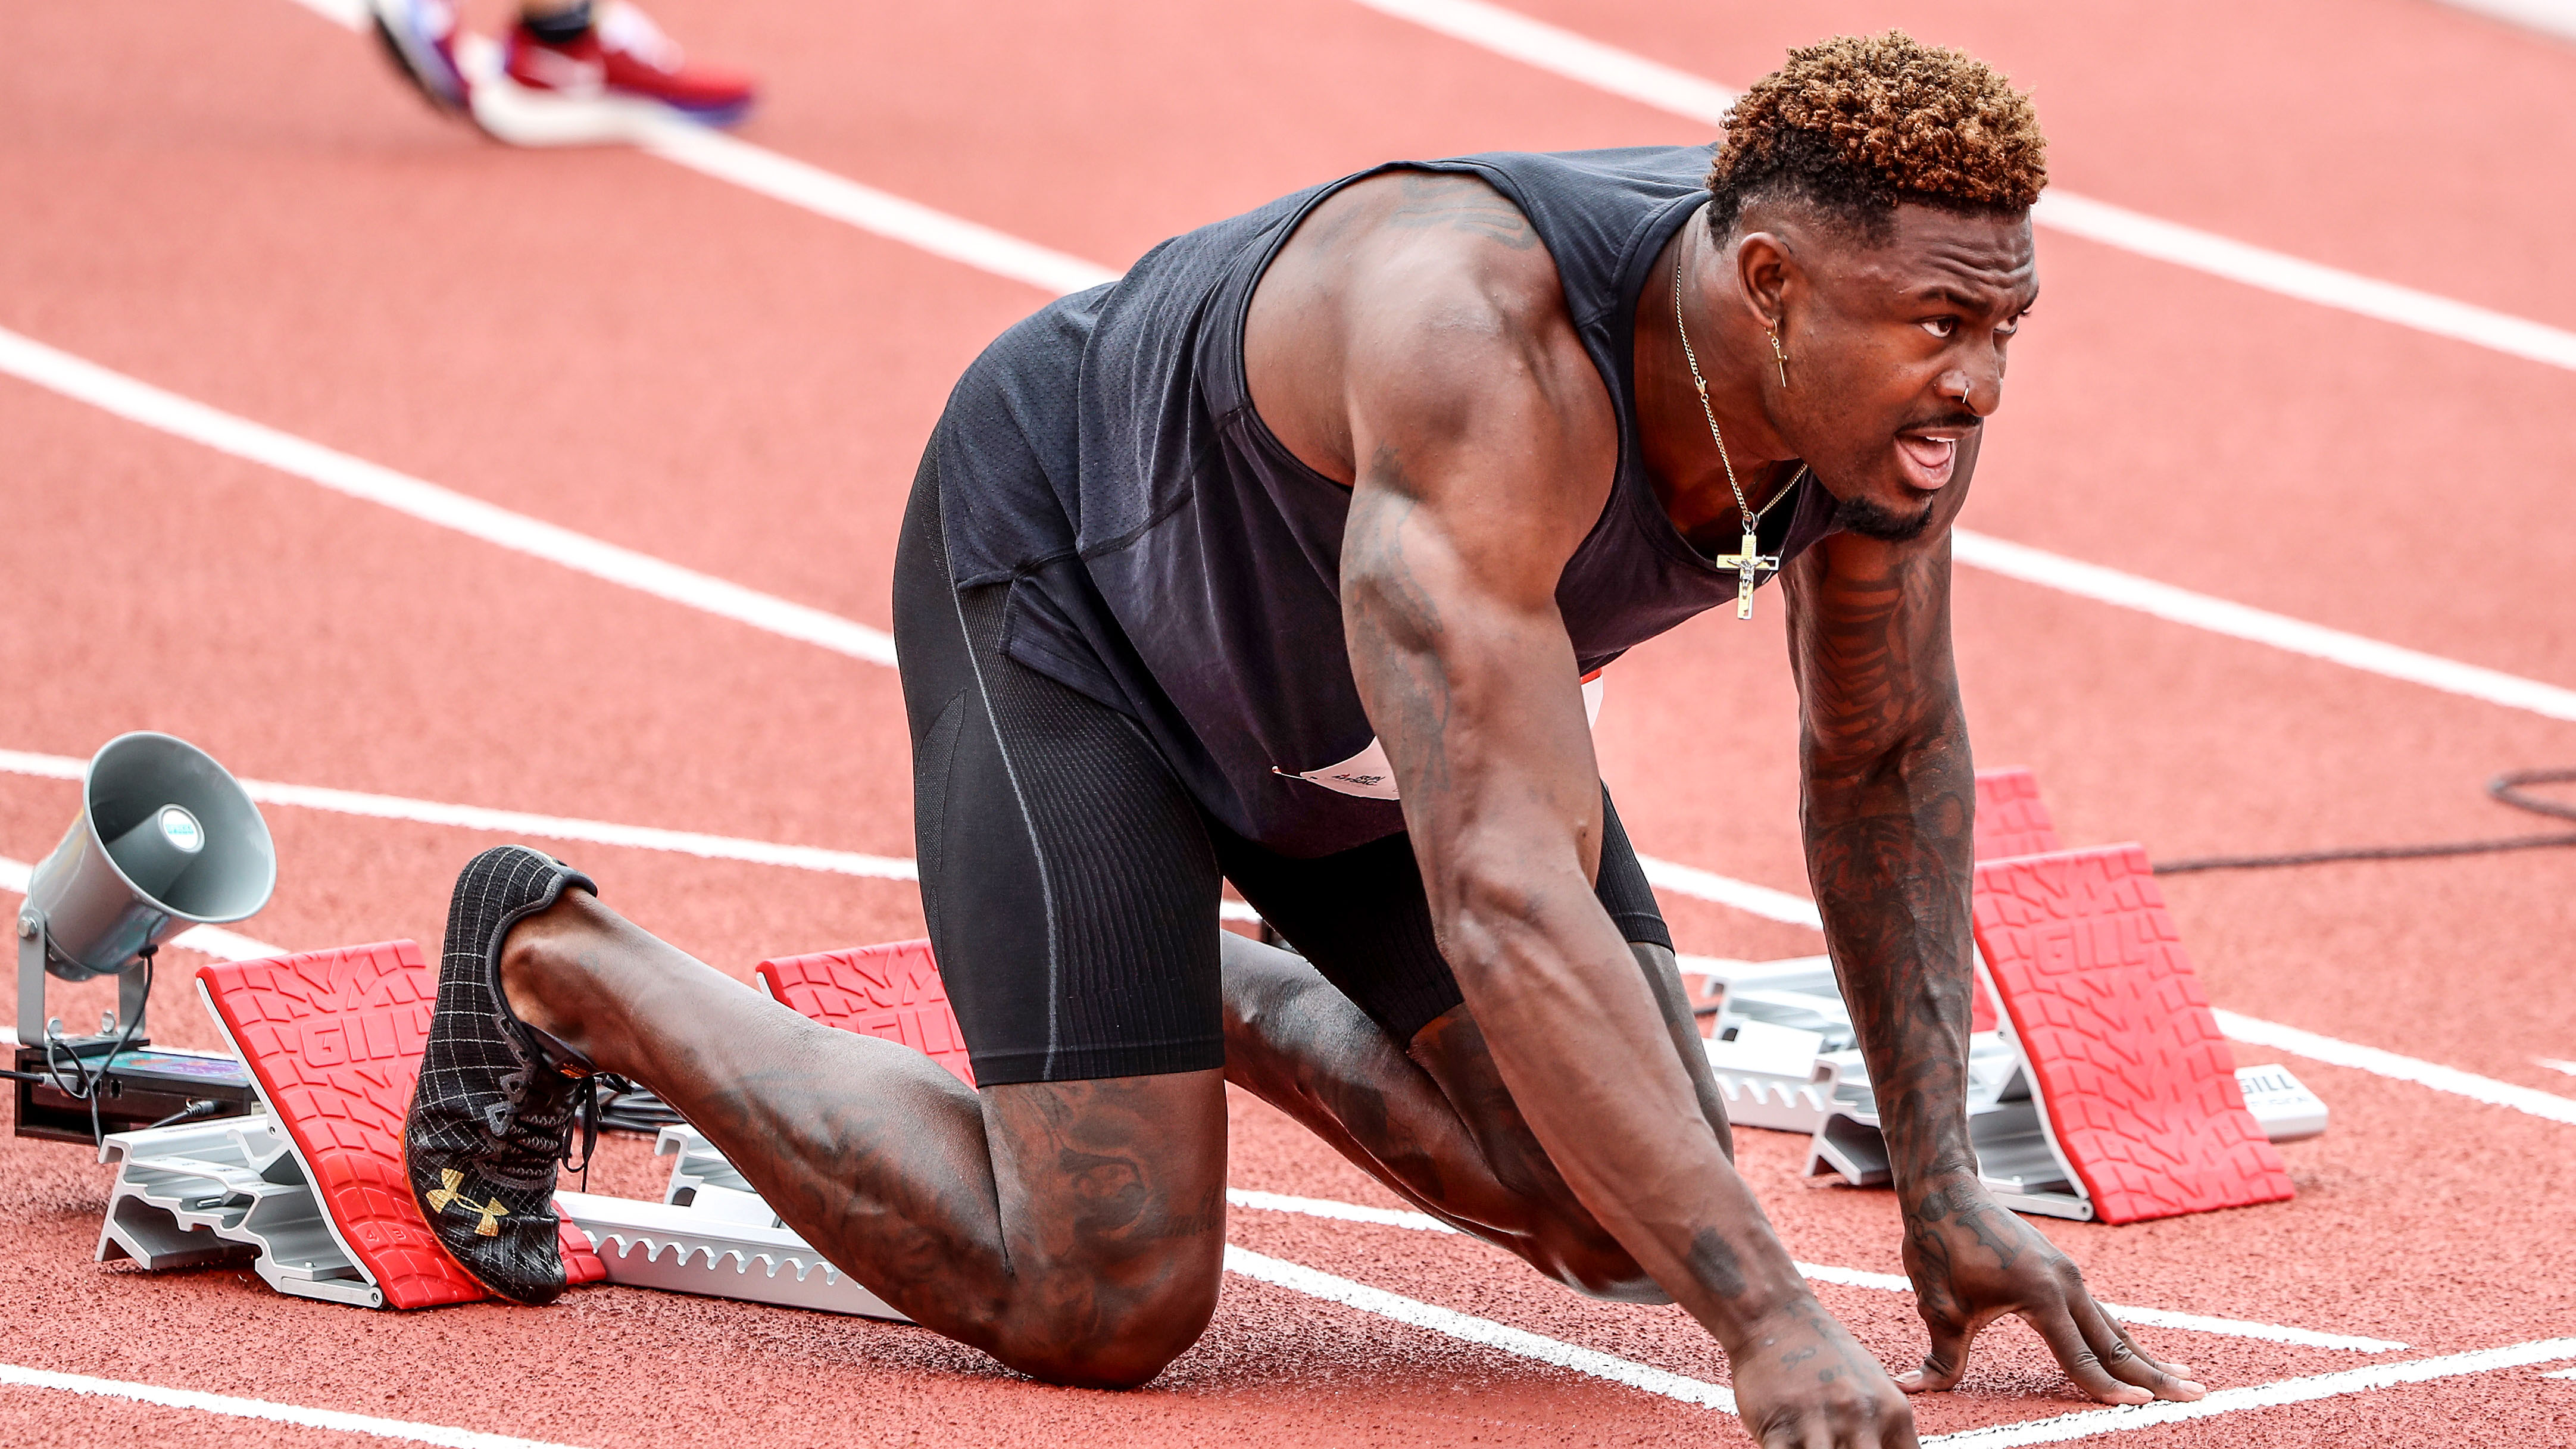 Seahawks' DK Metcalf runs 100 meters in 10.37 seconds vs. elite sprinters